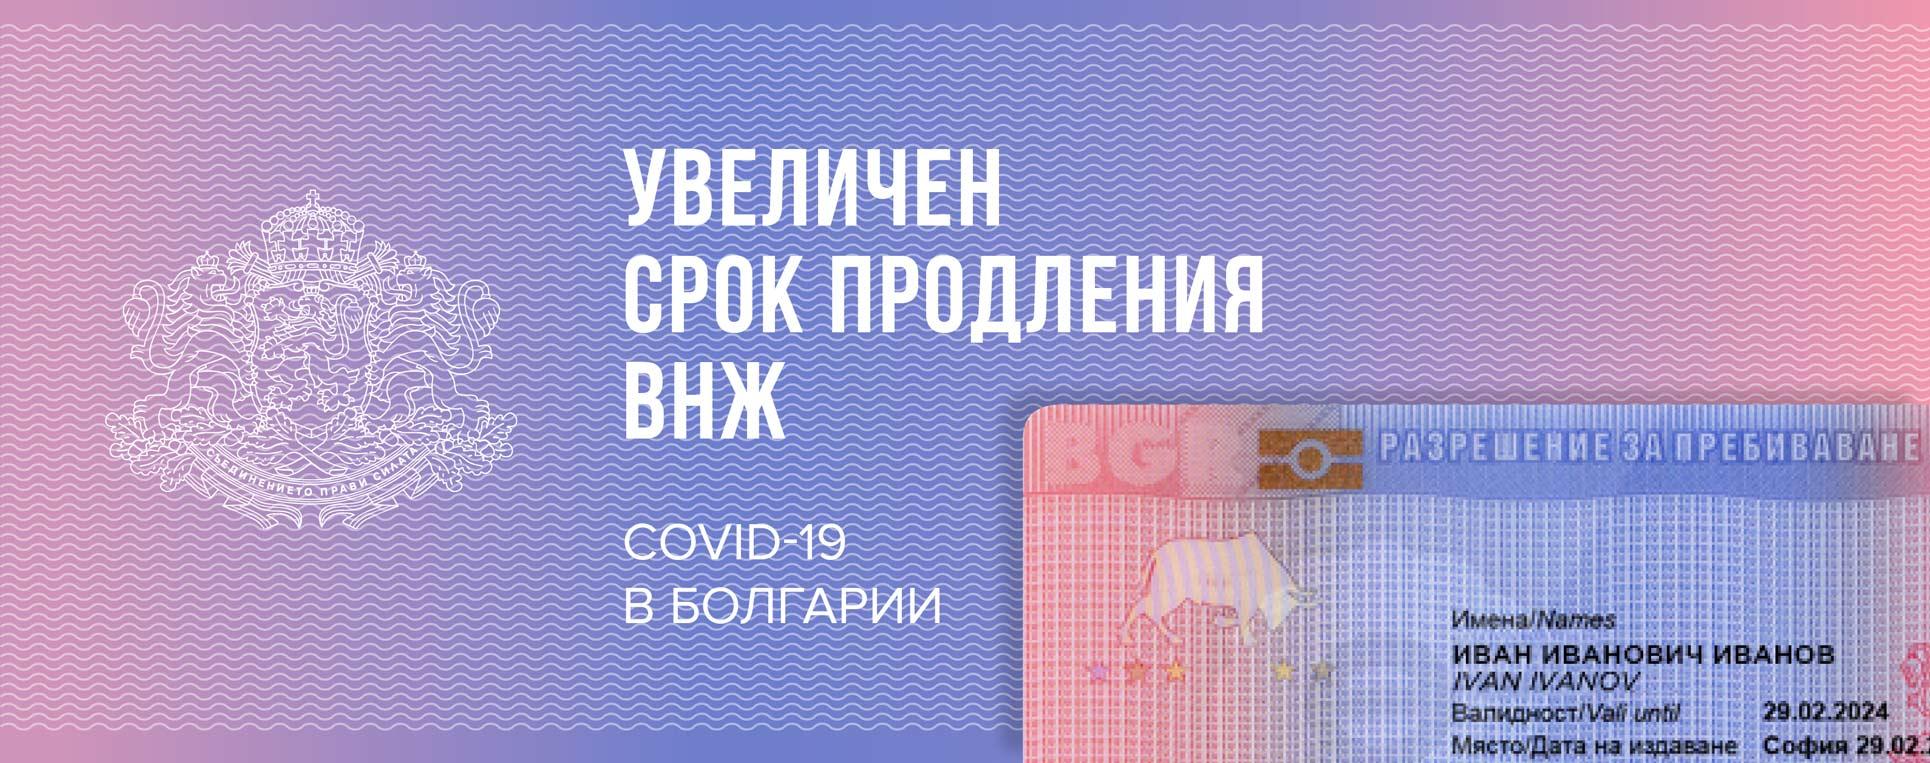 Дают ли ипотеку иностранным гражданам в россии в 2021 году — гражданство.online